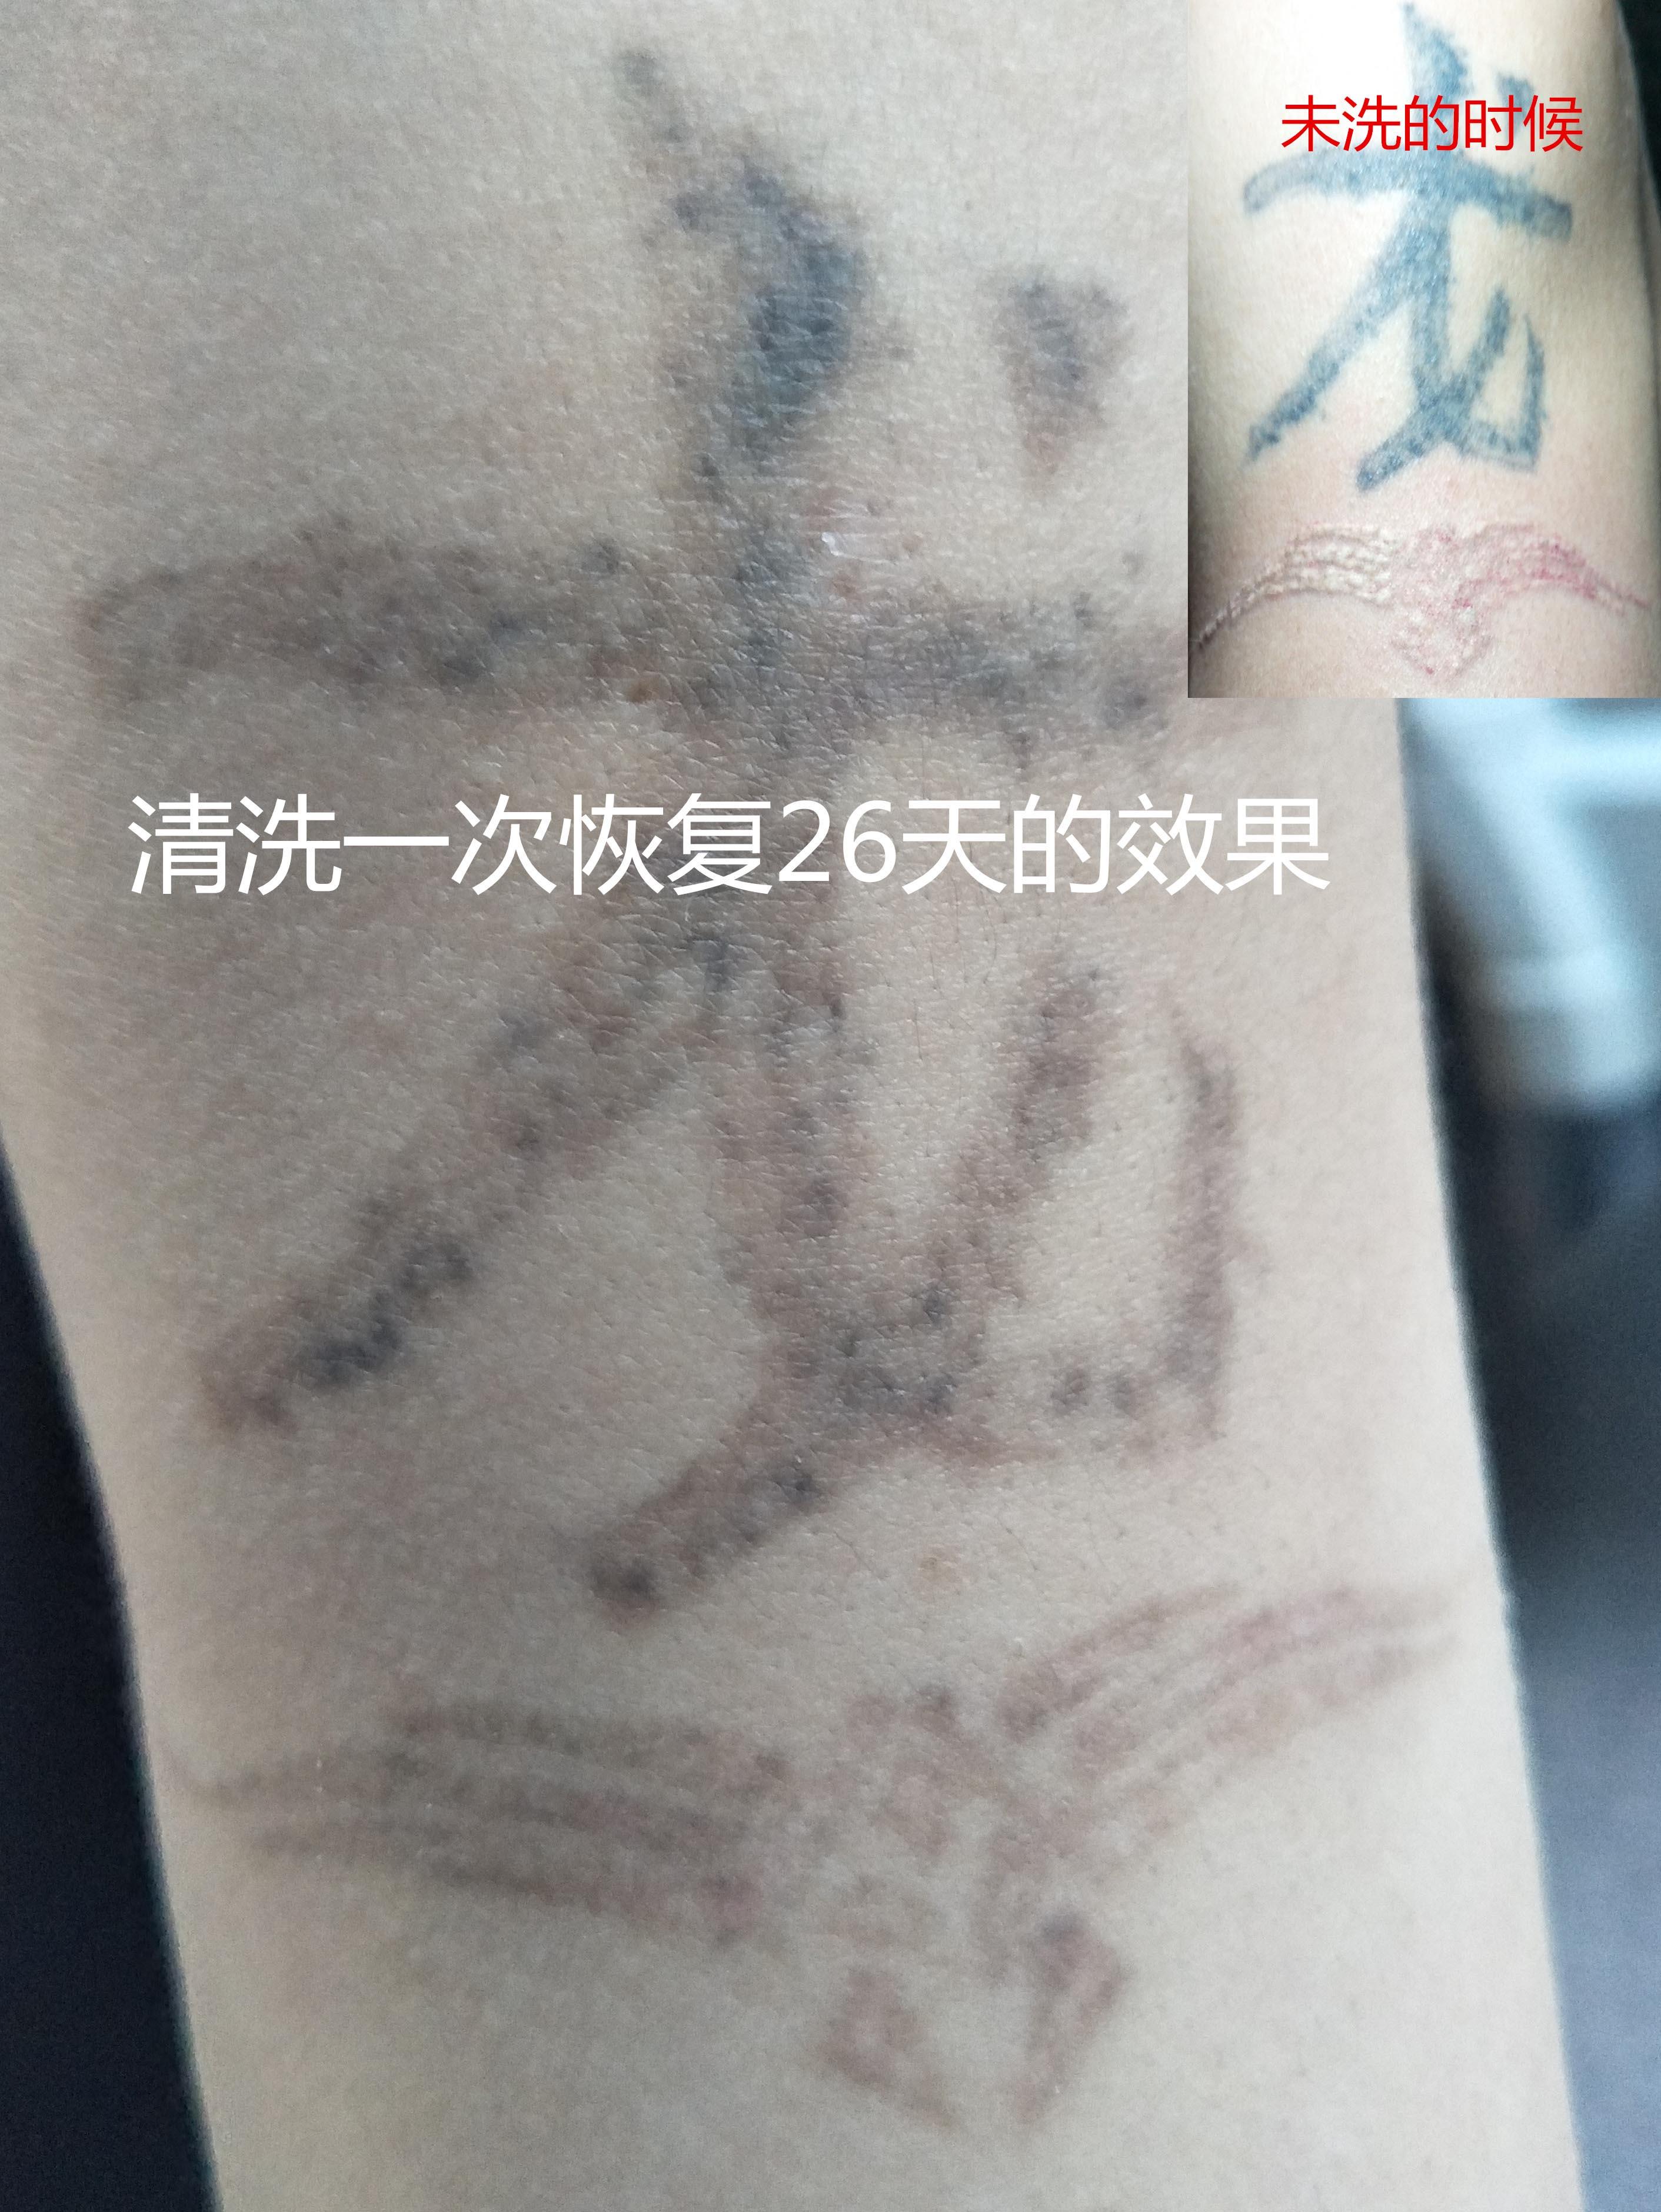 西安洗纹身多少钱